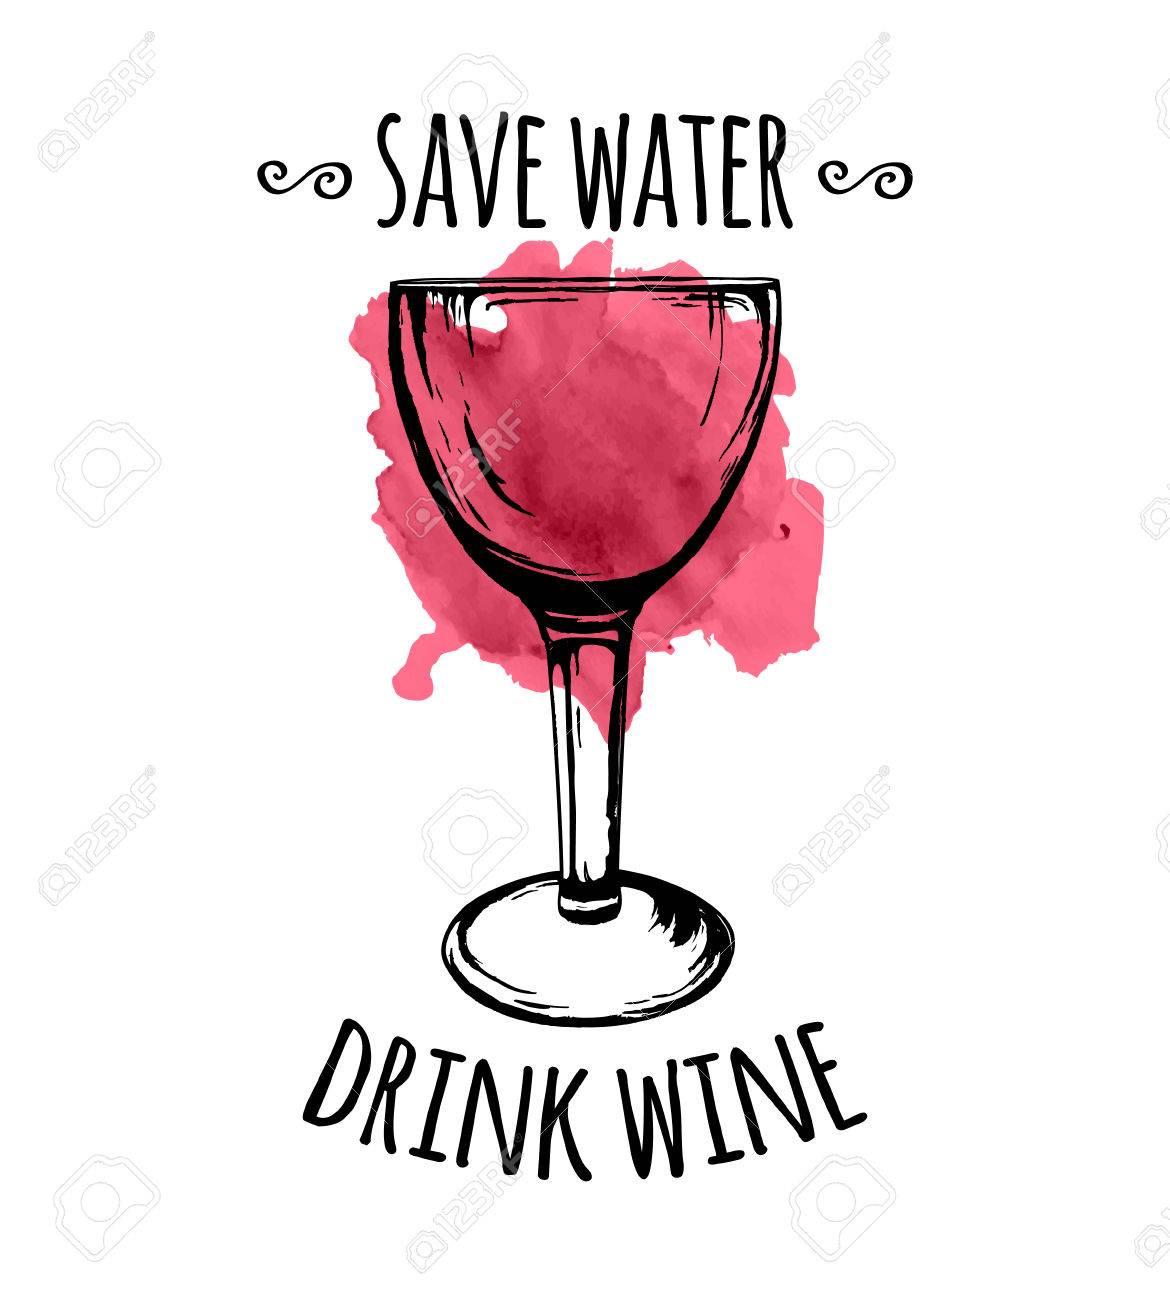 Ilustración Del Vector Del Bosquejo Copa De Vino Con Mancha De Vino Derramado Y La Frase Ahorra Agua Beber Vino Aislado En El Fondo Blanco Mano